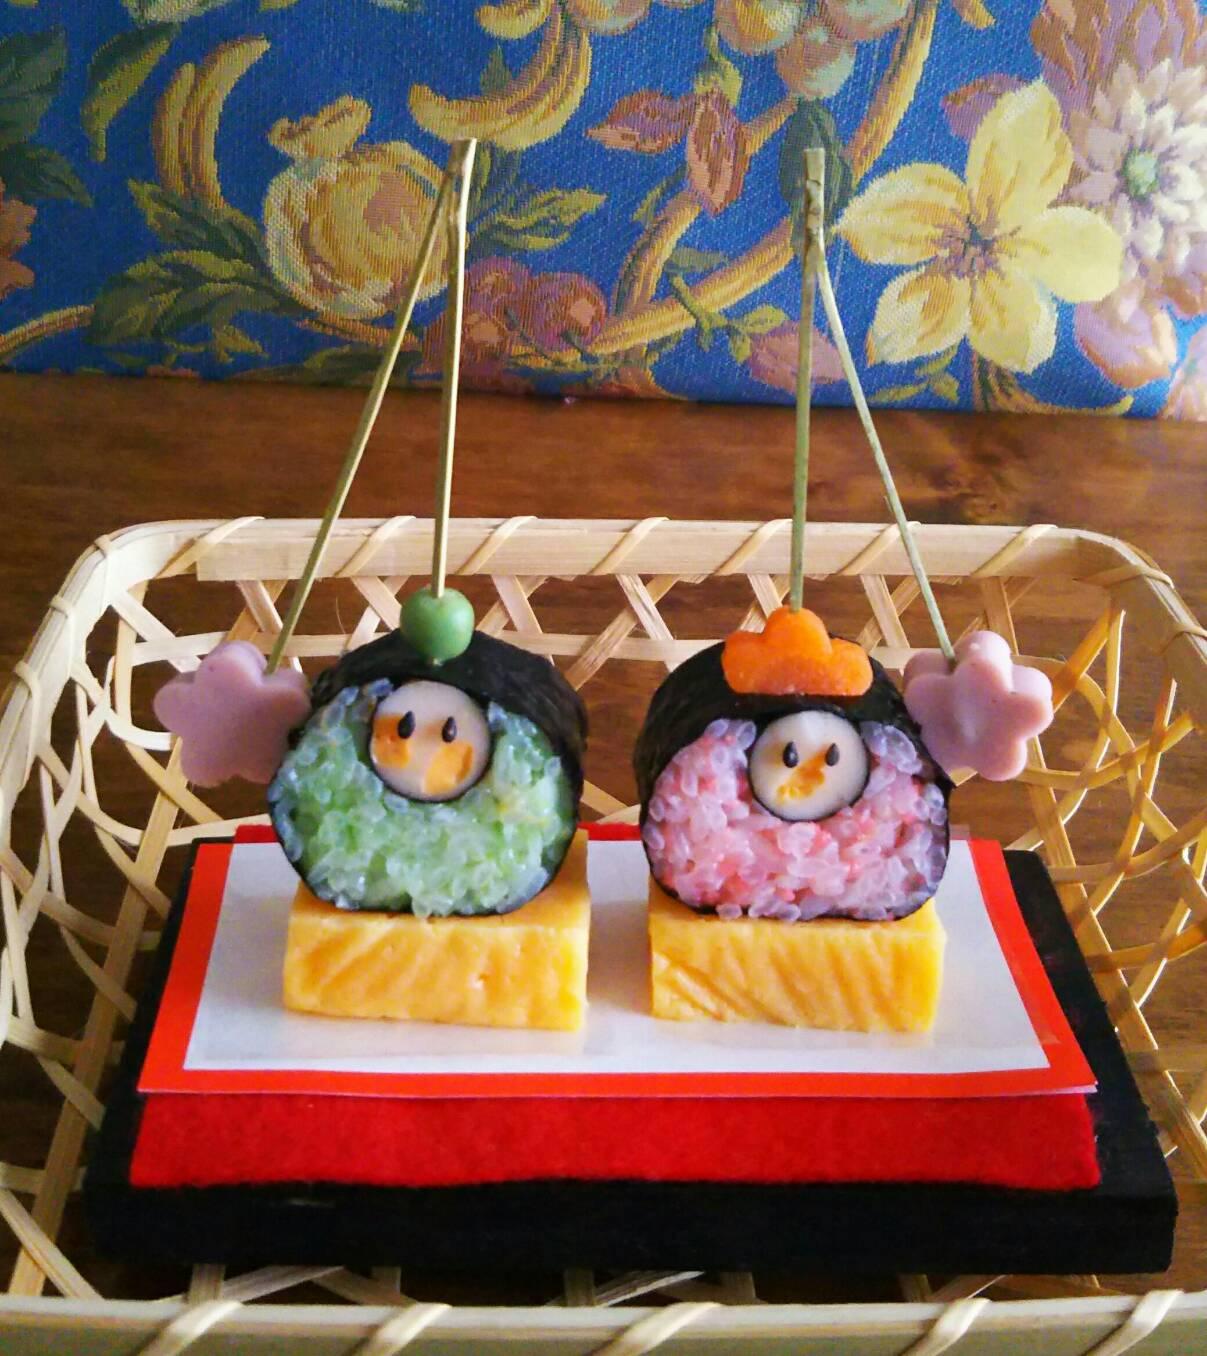 おひな祭りの★飾り巻き寿司★